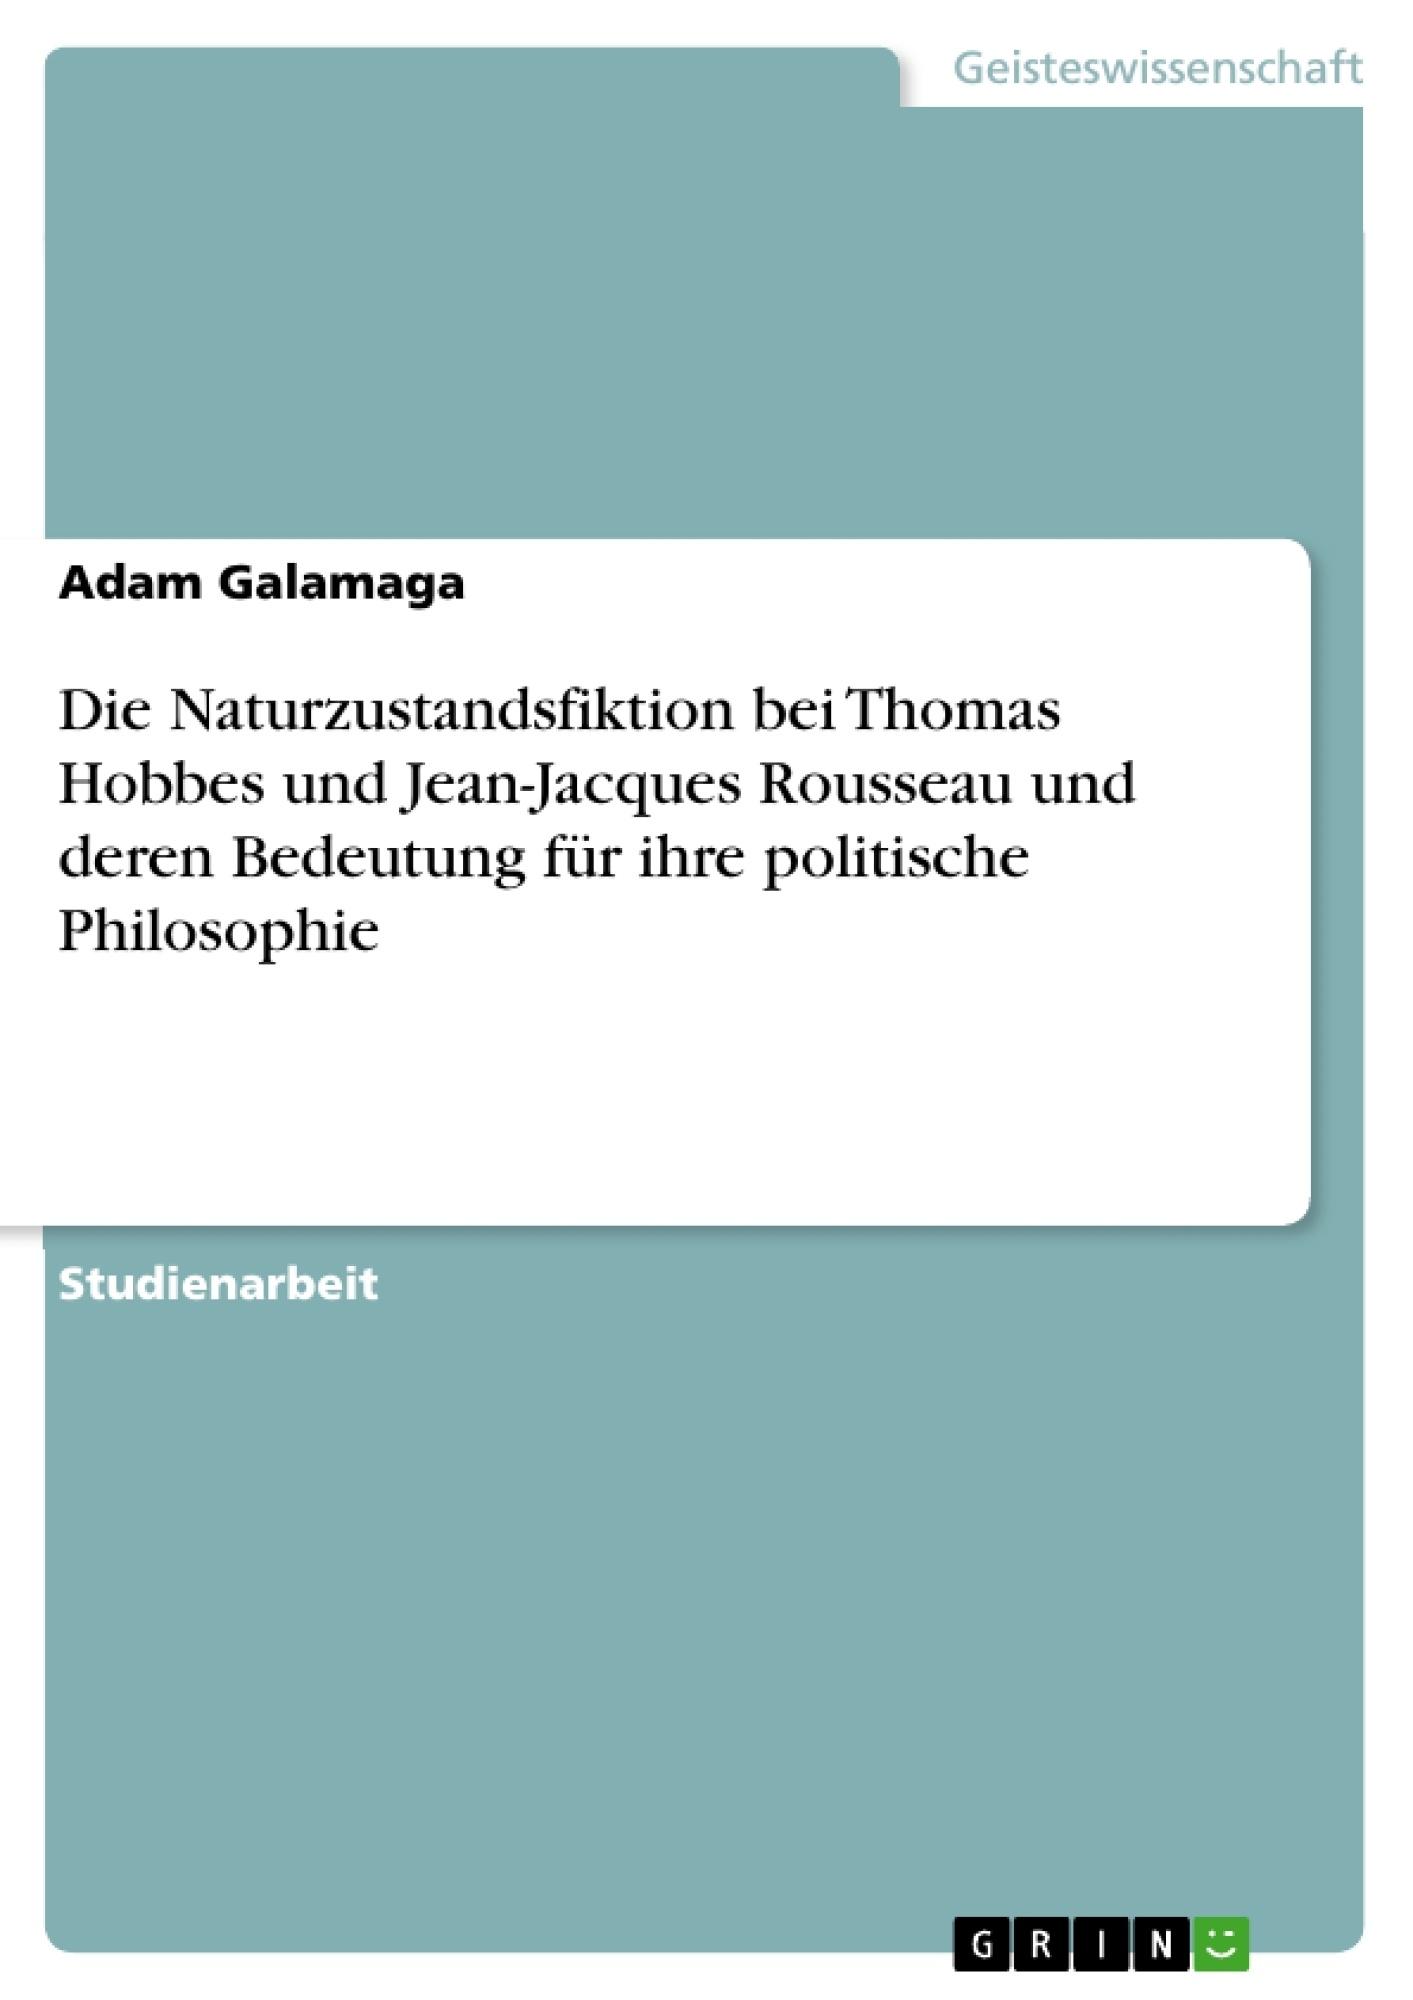 Titel: Die Naturzustandsfiktion bei Thomas Hobbes und Jean-Jacques Rousseau und deren Bedeutung für ihre politische Philosophie